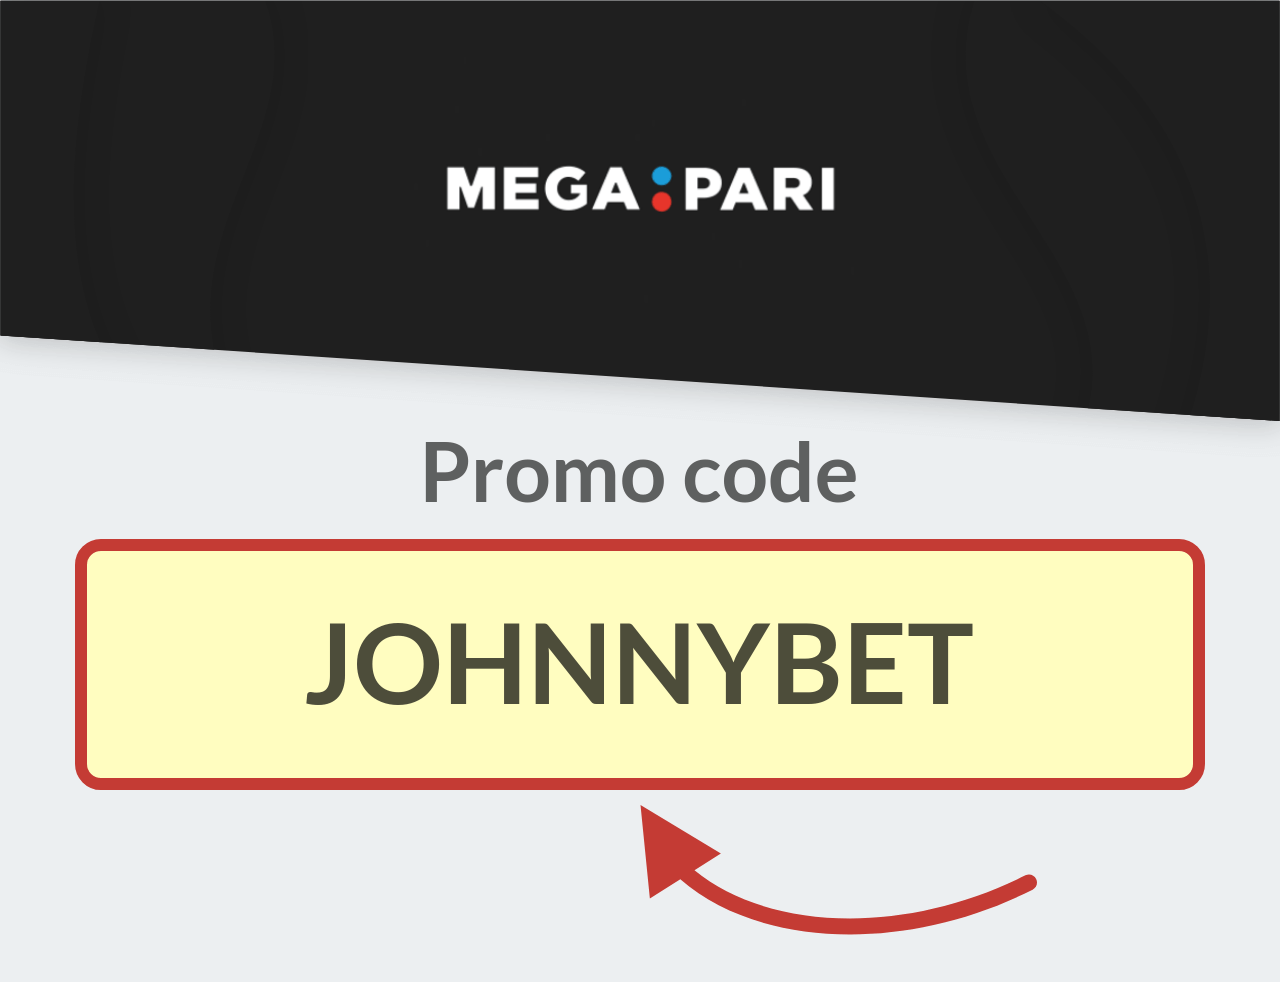 Megapari Promo Code